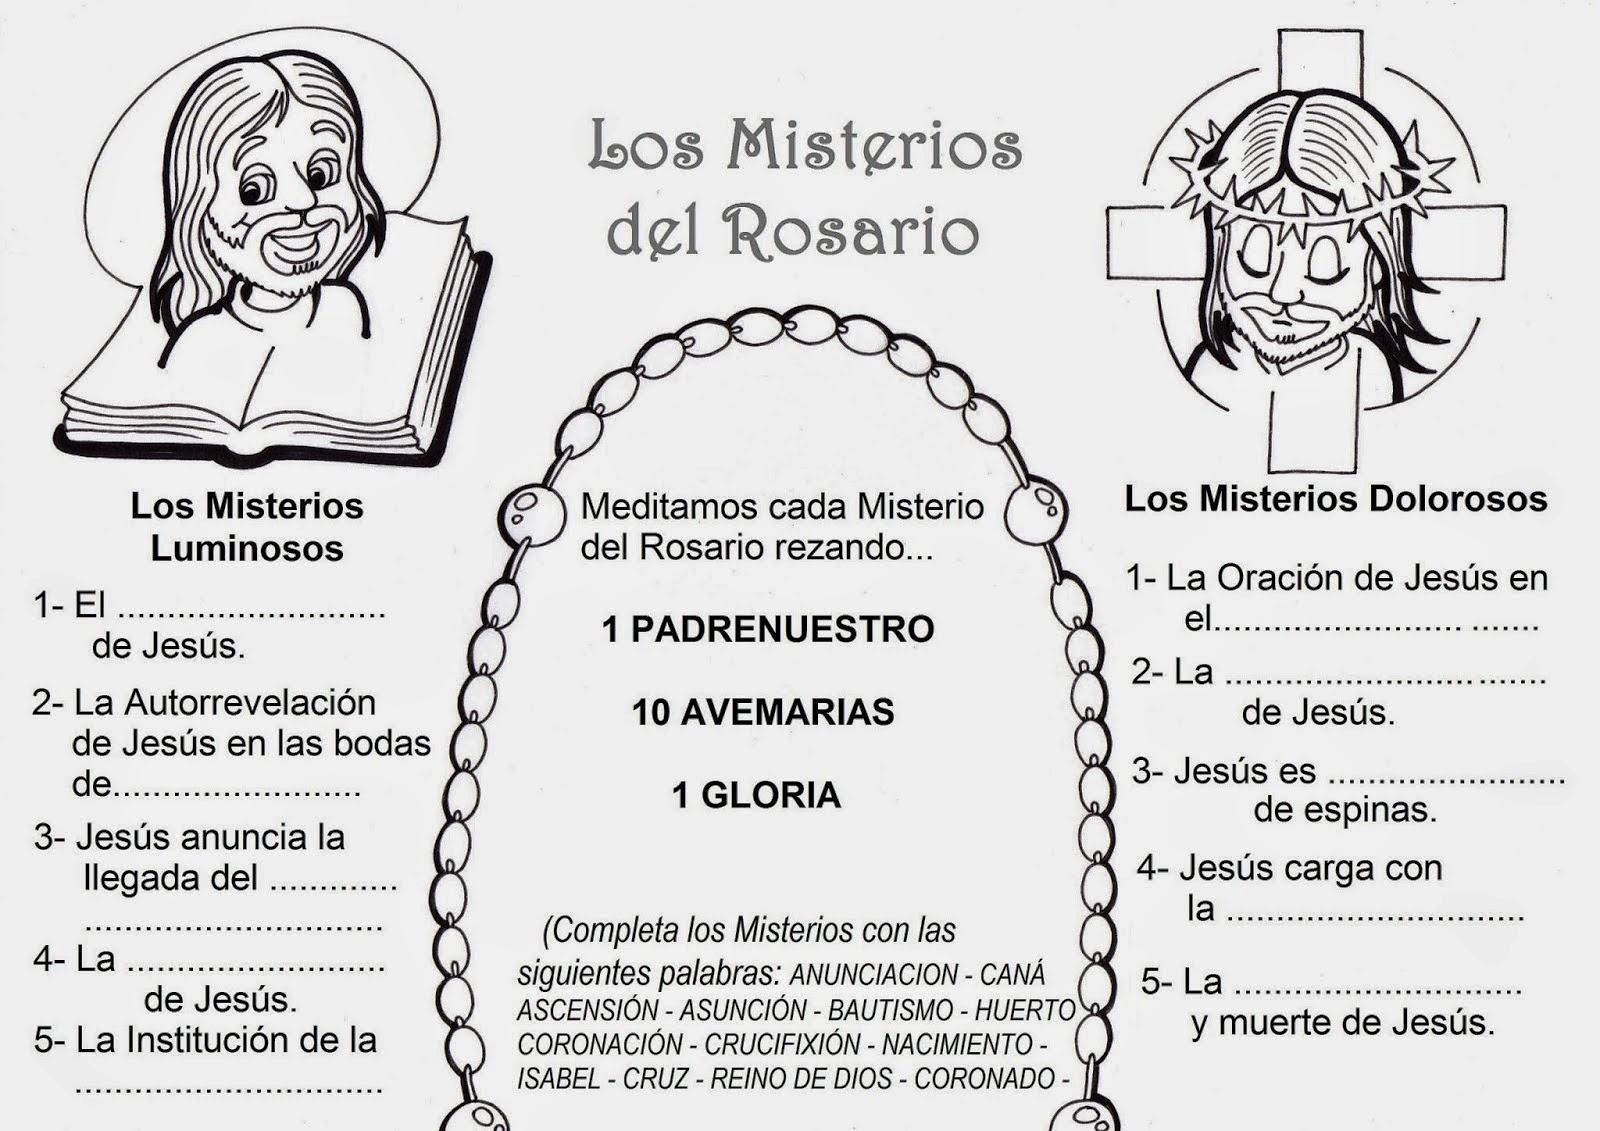 BLOG CATÓLICO DE ORACIONES Y DEVOCIONES CATÓLICAS ®